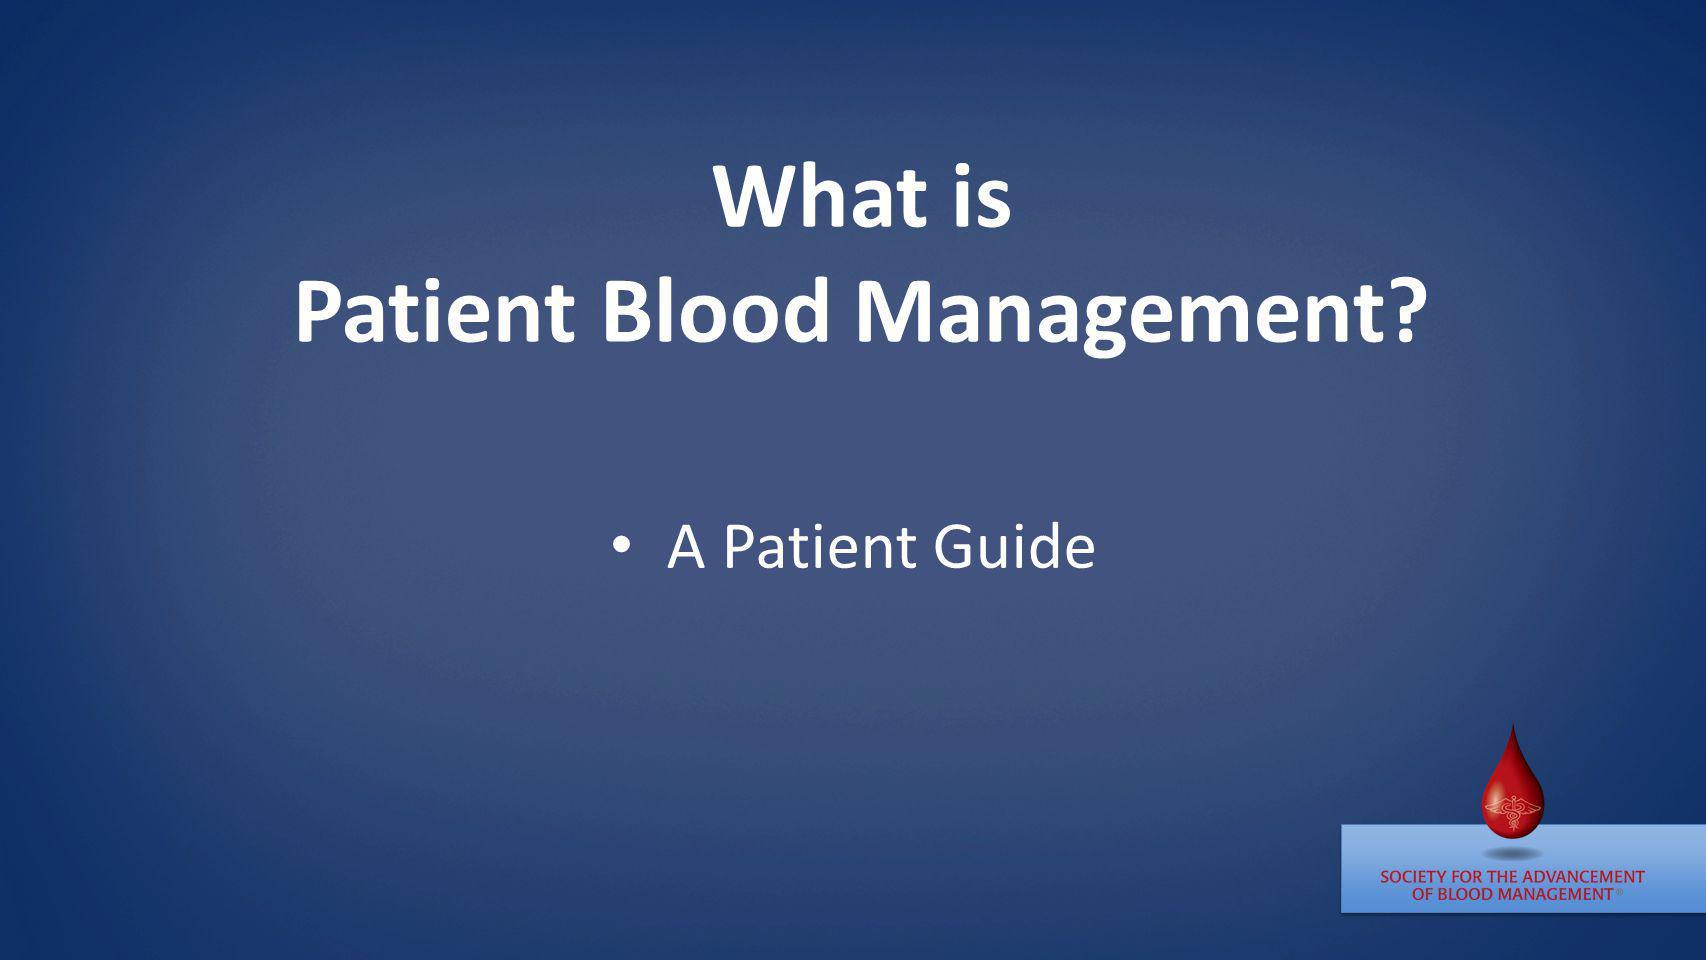 What is Patient Blood Management